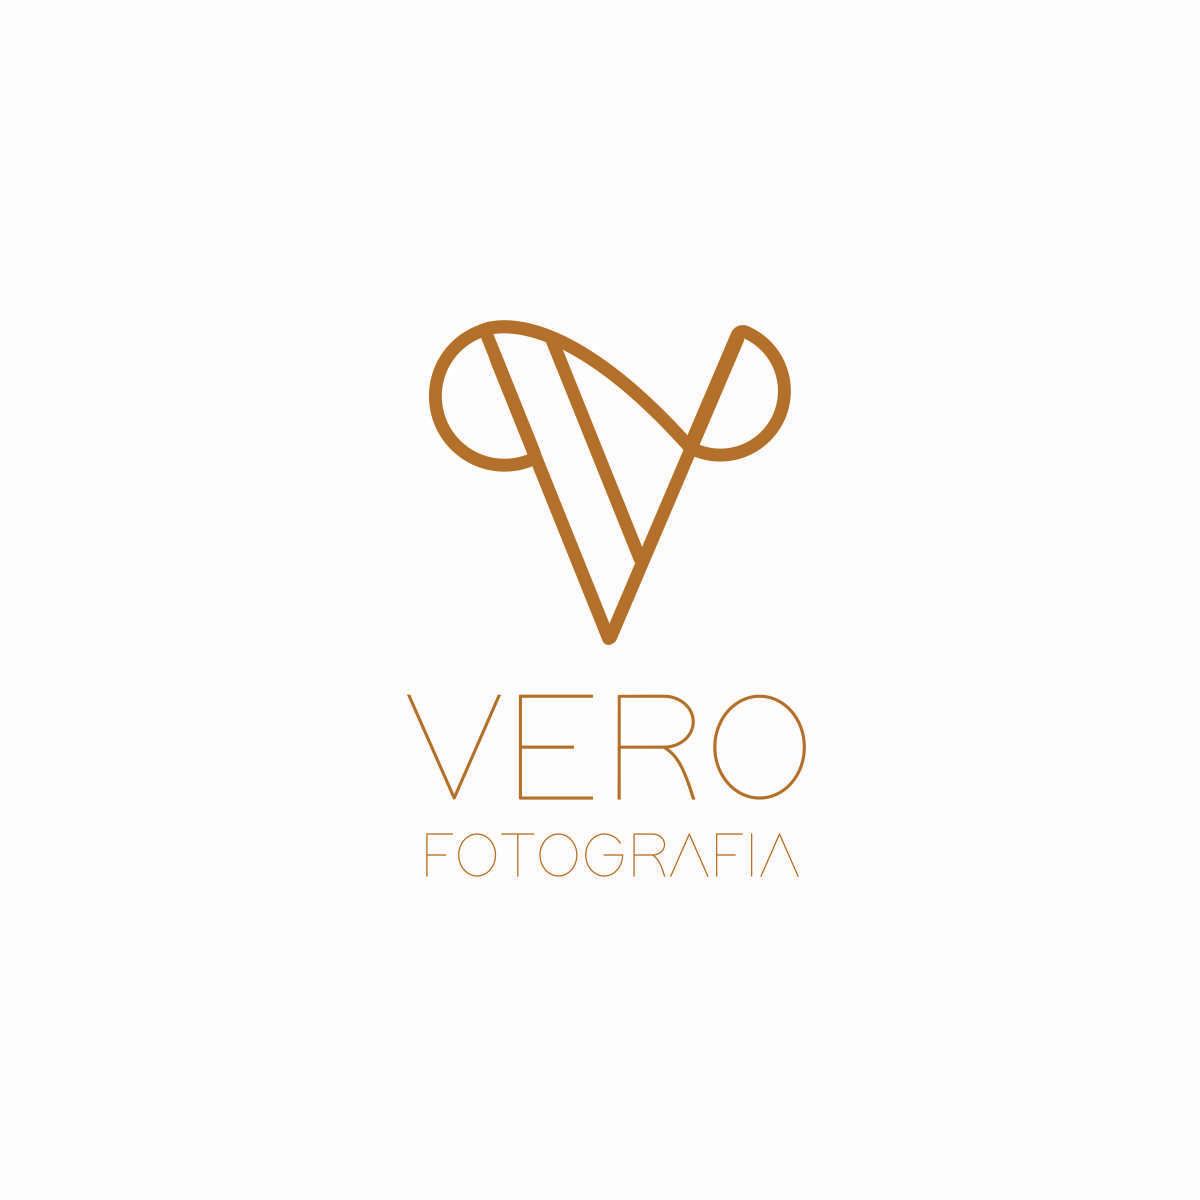 Contate VERO Fotografia - Fotógrafo de Casamentos em Niterói e Rio de Janeiro - RJ